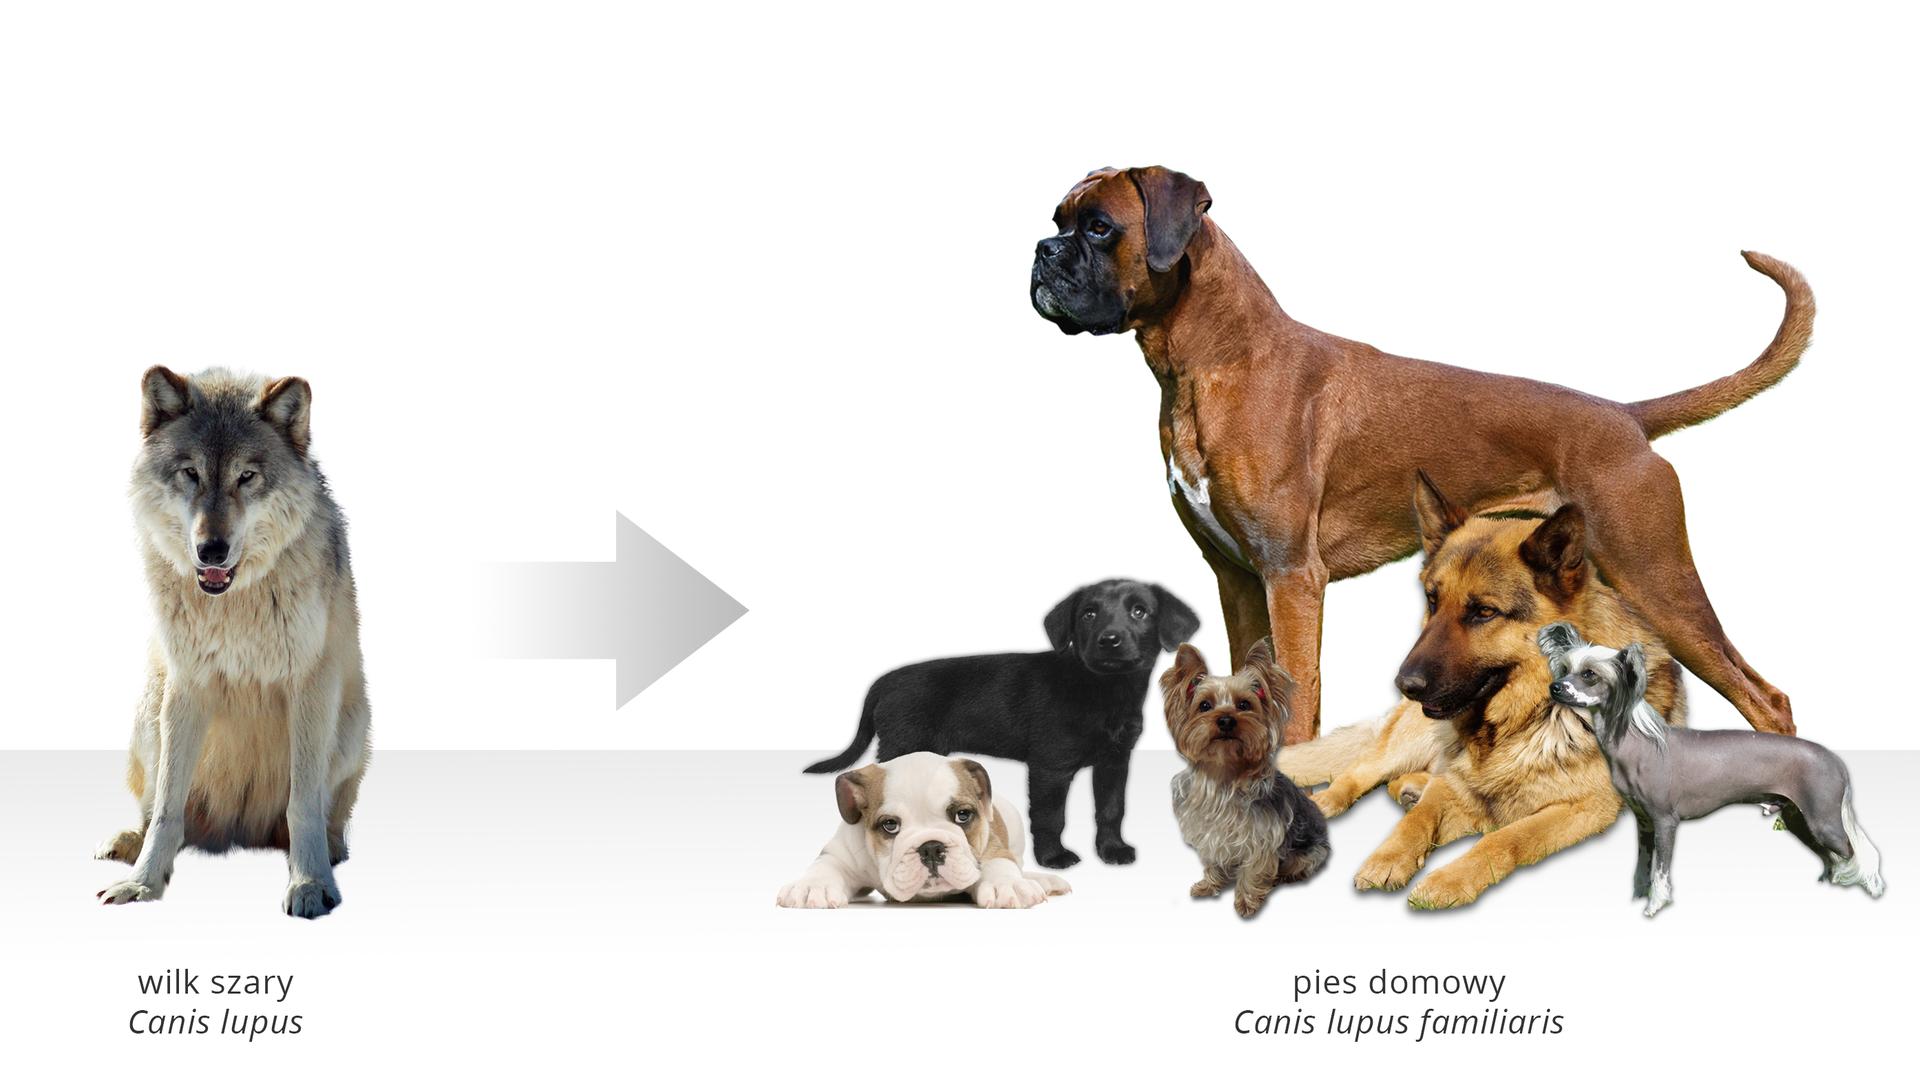 Galeria numer dwa to dwie ilustracje ułożone obok siebie. Pierwsza znich prostokątna. Tło białe. Ilustracja przedstawia psy. Jeden pies po lewej stronie zdjęcia. Pies to wilk szary, Canis lupus. Wilk siedzi wsparty na przednich łapach. Przednie łapy białe. Sierść na podbrzuszu biała. Głowa wilka skierowana wstronę obserwatora zdjęcia. Górna część pyska, czoło iuszy ciemno szare. Na prawo od wilka pozioma strzałka. Grot strzałki skierowany na prawo. Po prawej stronie ilustracji sześć psów. Każdy pies jest innej rasy. Największy pies to stojący buldog. Buldog patrzy wstronę wilka siedzącego po lewej stronie zdjęcia. Sierść buldoga brązowa. Ogon poziomo wyprostowany. Na lewo od buldoga leży owczarek niemiecki. Sierść owczarka jasno brązowa. Głowa psa skierowana wstronę obserwatora zdjęcia. Pysk owczarka czarny. Trójkątnie zakończone uszy ciemno-brązowe od wewnątrz. Na prawo od owczarka szary, krótkowłosy mały pies. Pies stoi bokiem do obserwatora. Głowa skierowana wstronę siedzącego wilka. Na lewo, przed buldogiem, trzy małe psy. Mały czarny pies stoi. Głowa skierowana wprawo. Przed czarnym psem leży biały pies wbrązowe łatki. Uszy brązowe. Na prawo siedzi mały pies. To mały szary York. Poniżej psów napis: pies domowy, Canis lupus familiaris.